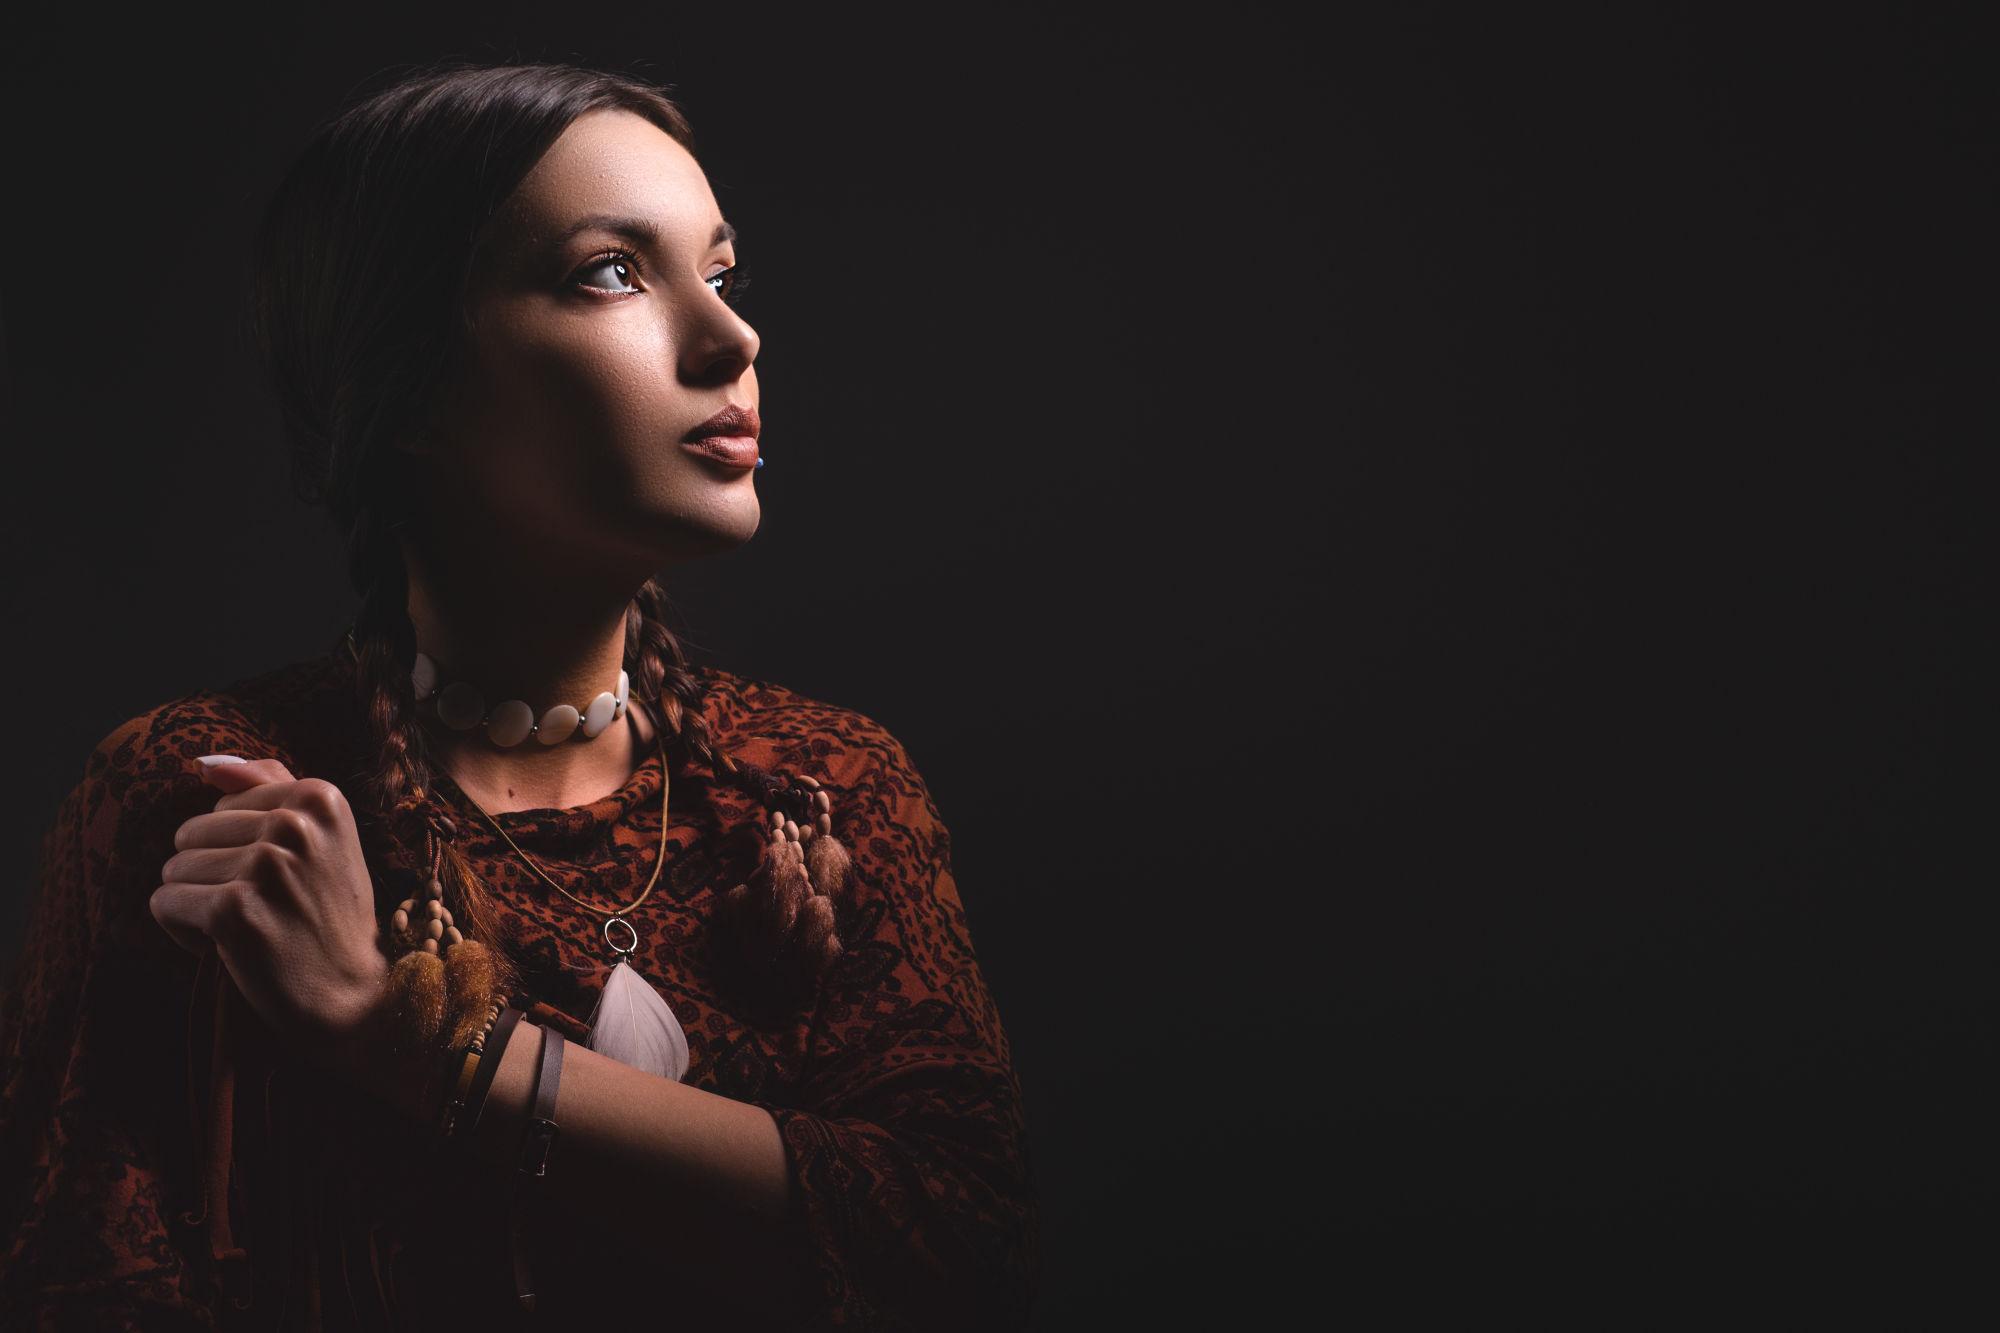 chica amerindia